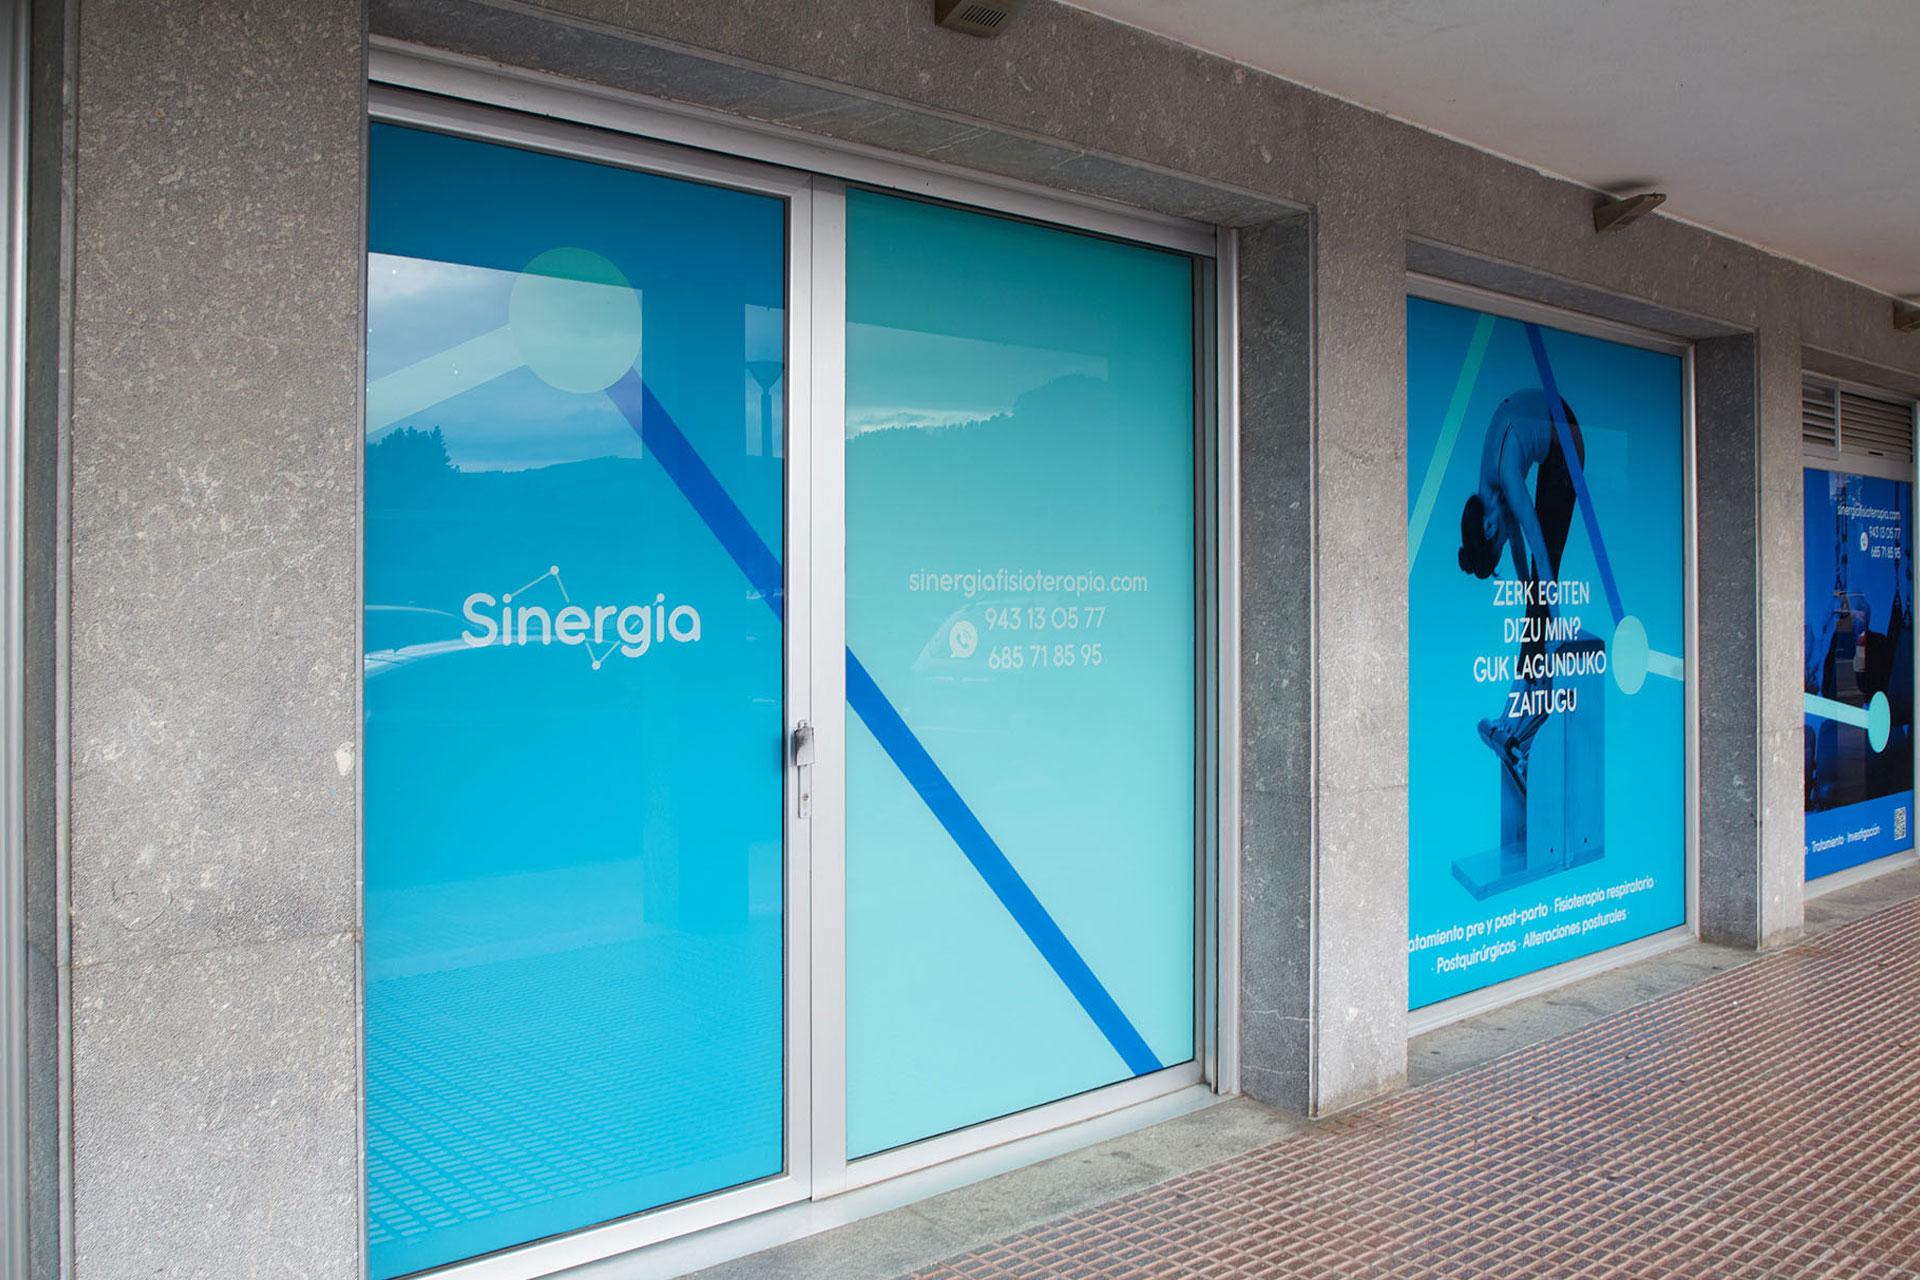 Sinergia Fisioterapia Consulta